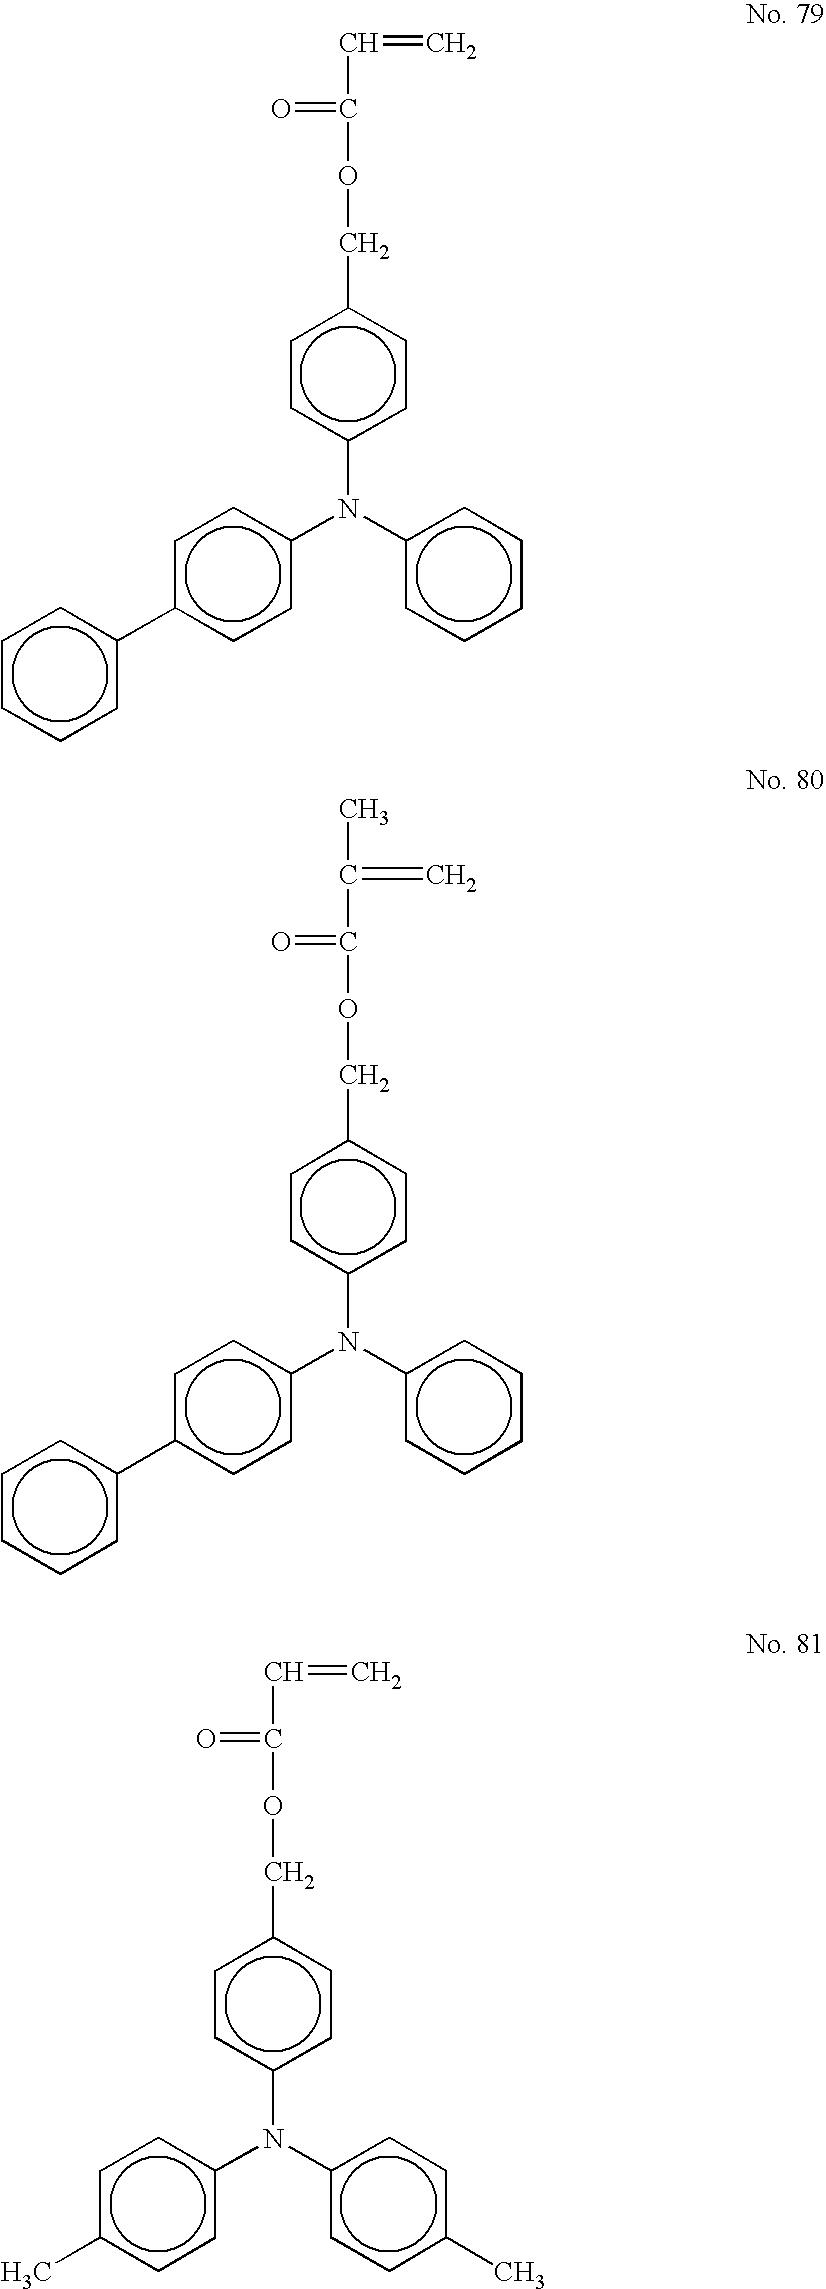 Figure US07361438-20080422-C00034